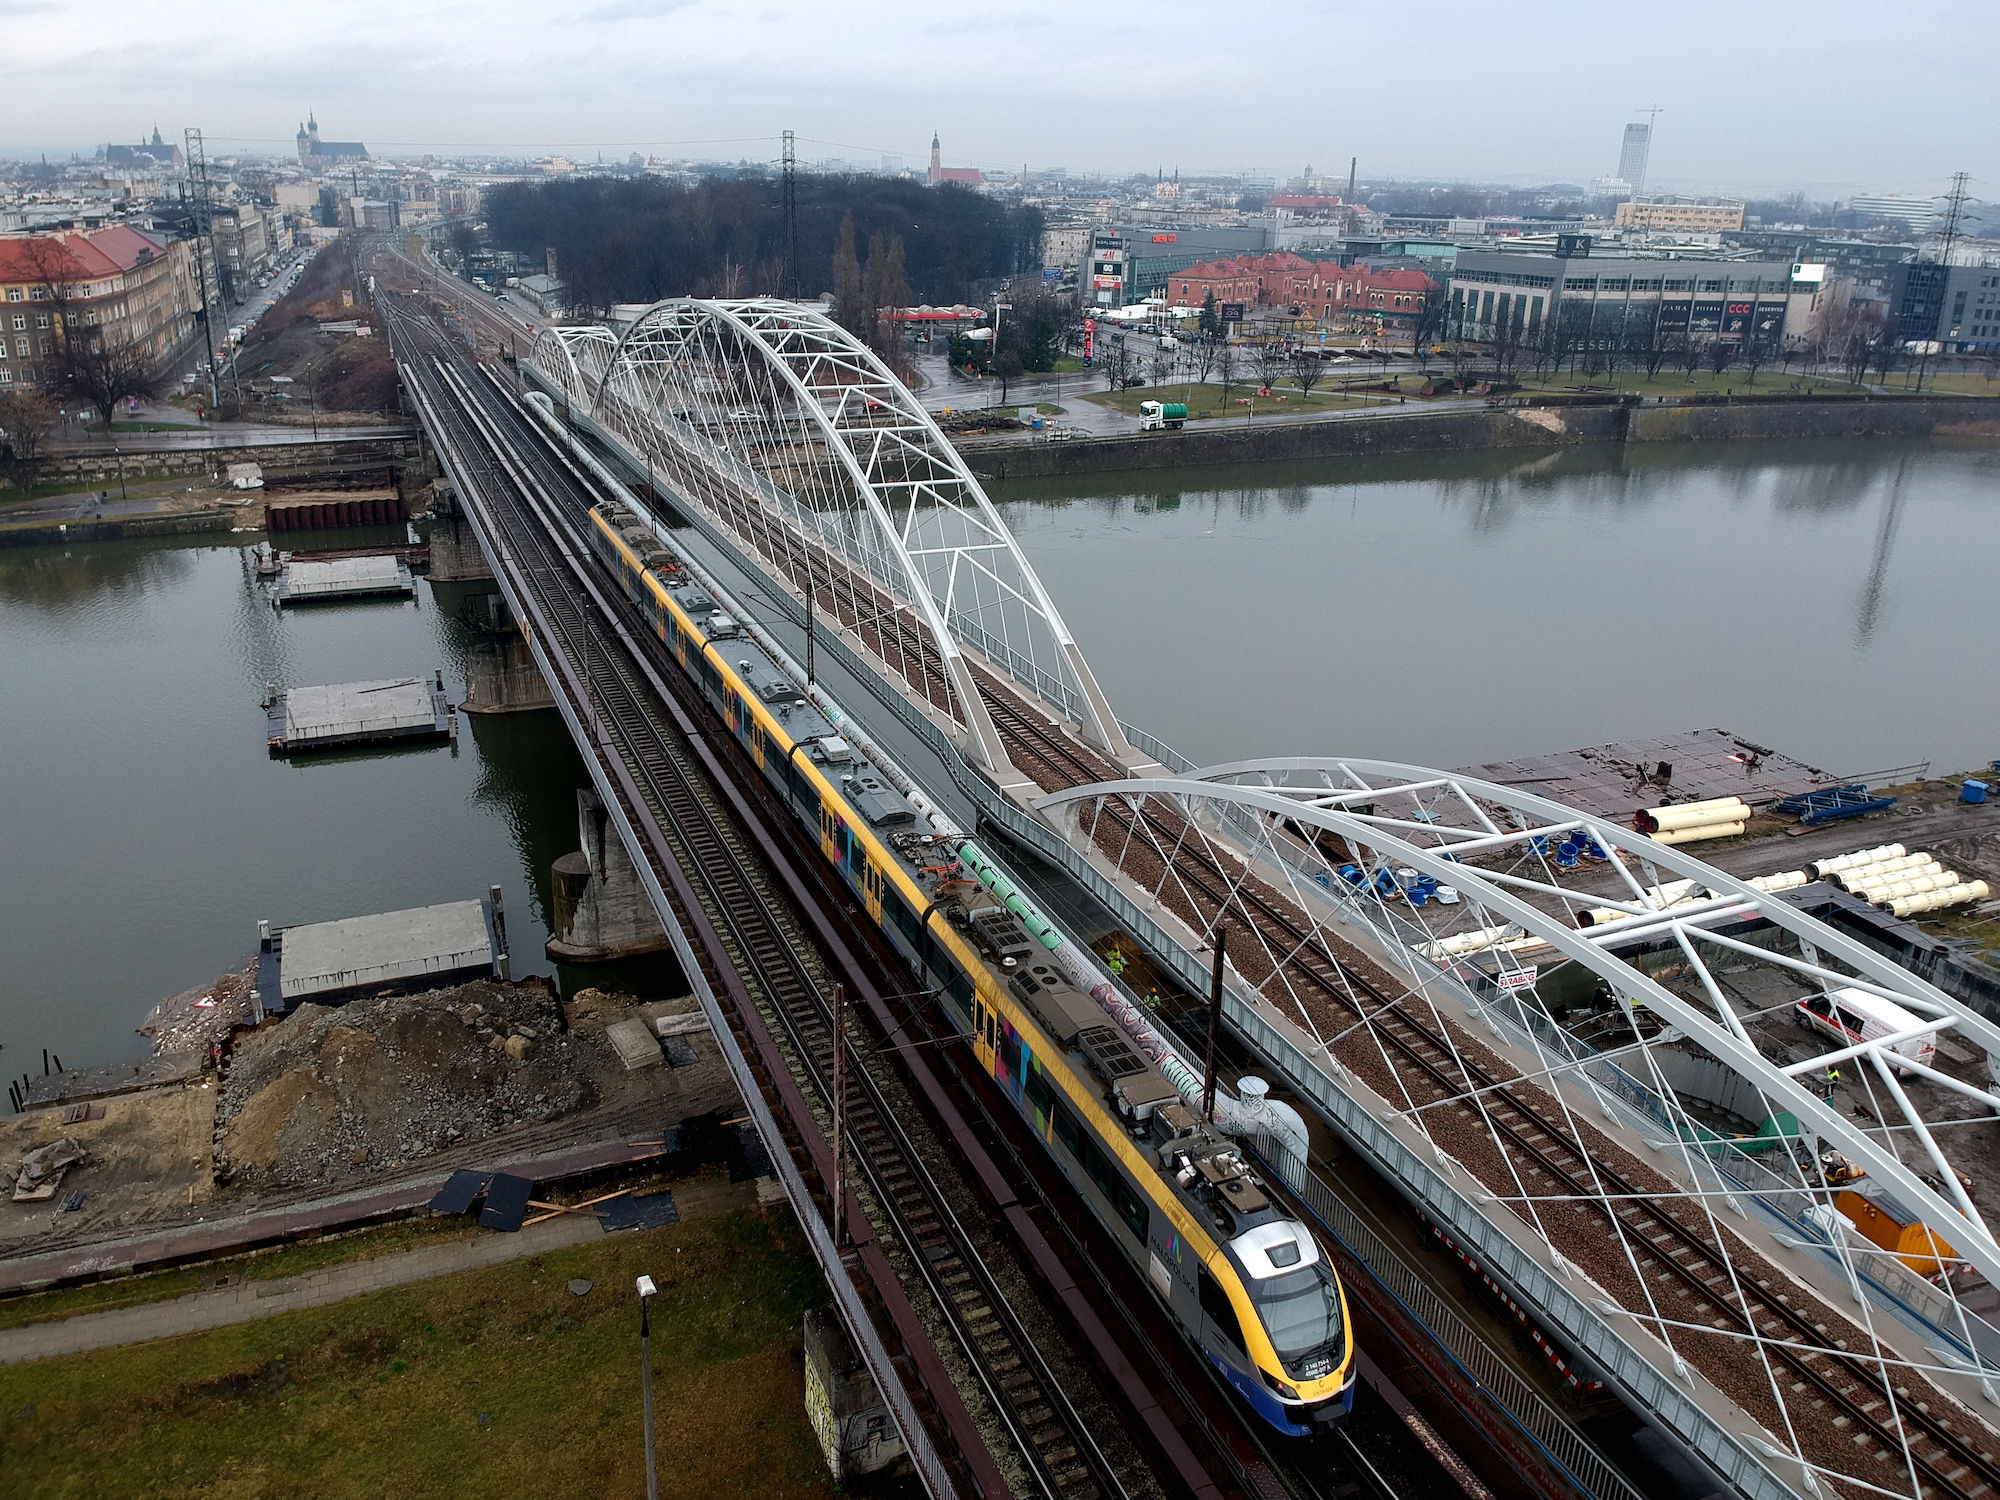 Zdjęcie starego i nowego mostu kolejowego nad Wisła wykonane z powietrza.